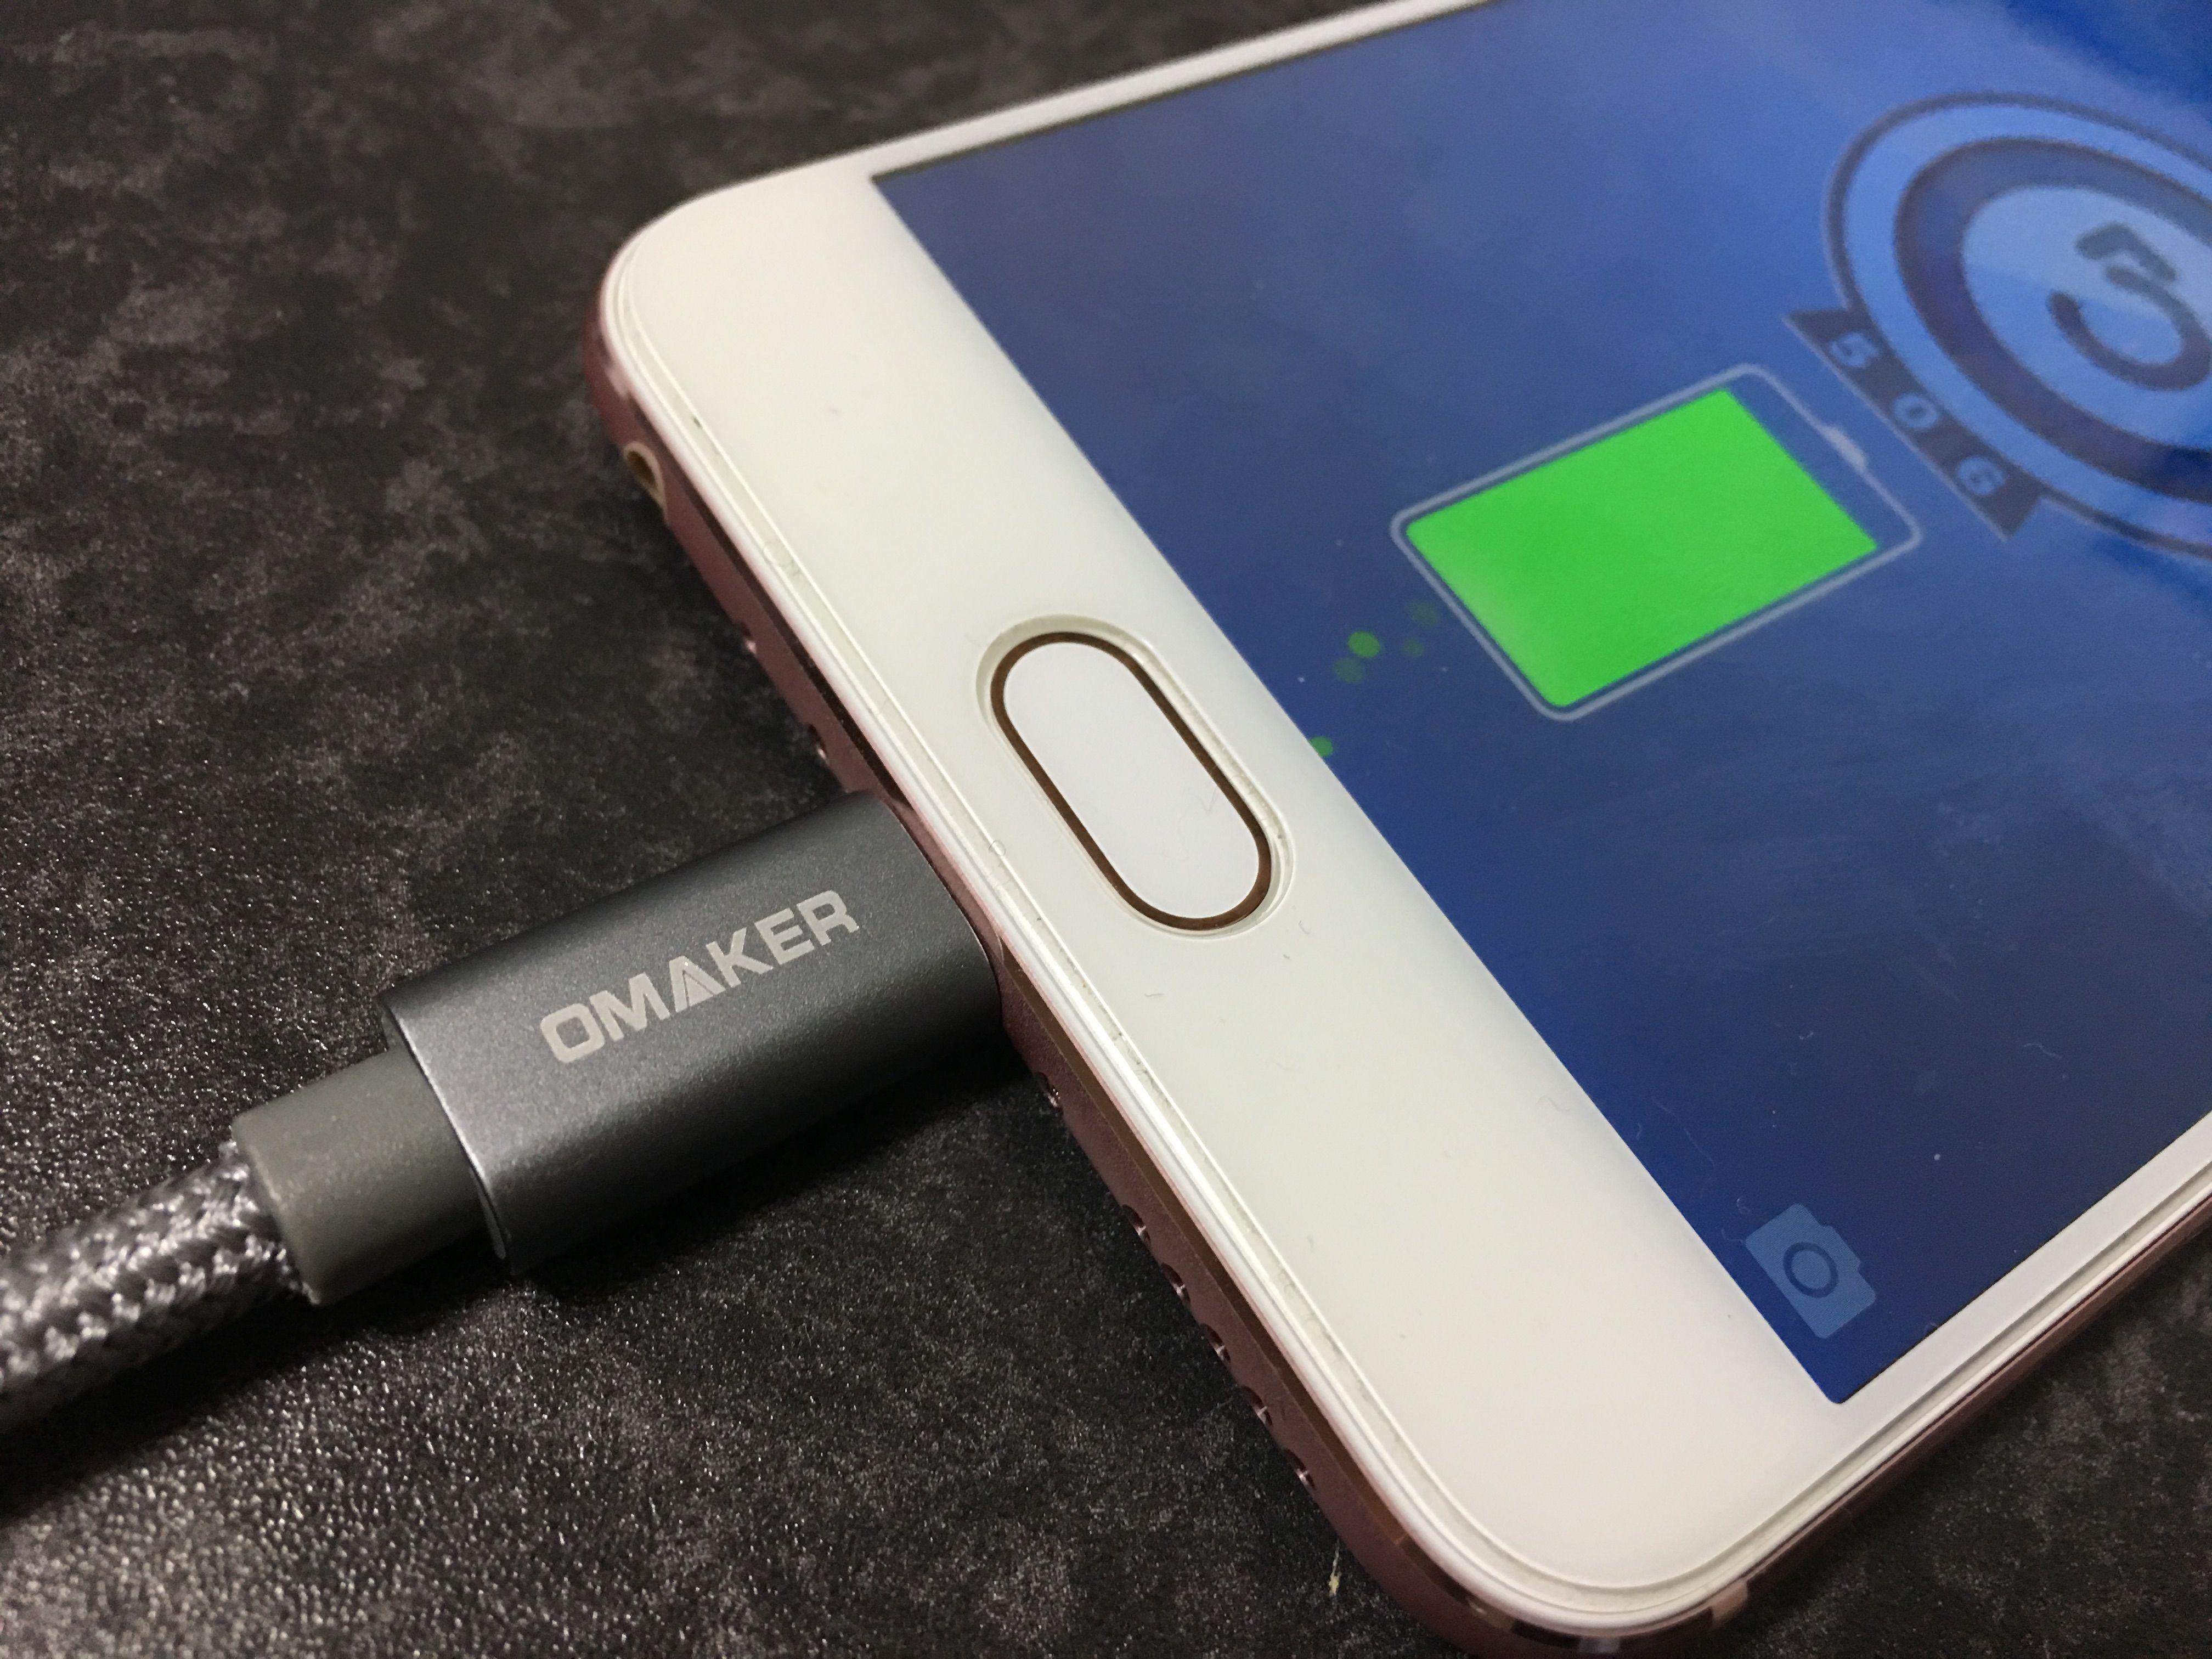 【10/14までのクーポンあり】OmakerのUSB type-c 充電ケーブルのレビュー!非常に頑丈な作りで、無理をしても安心